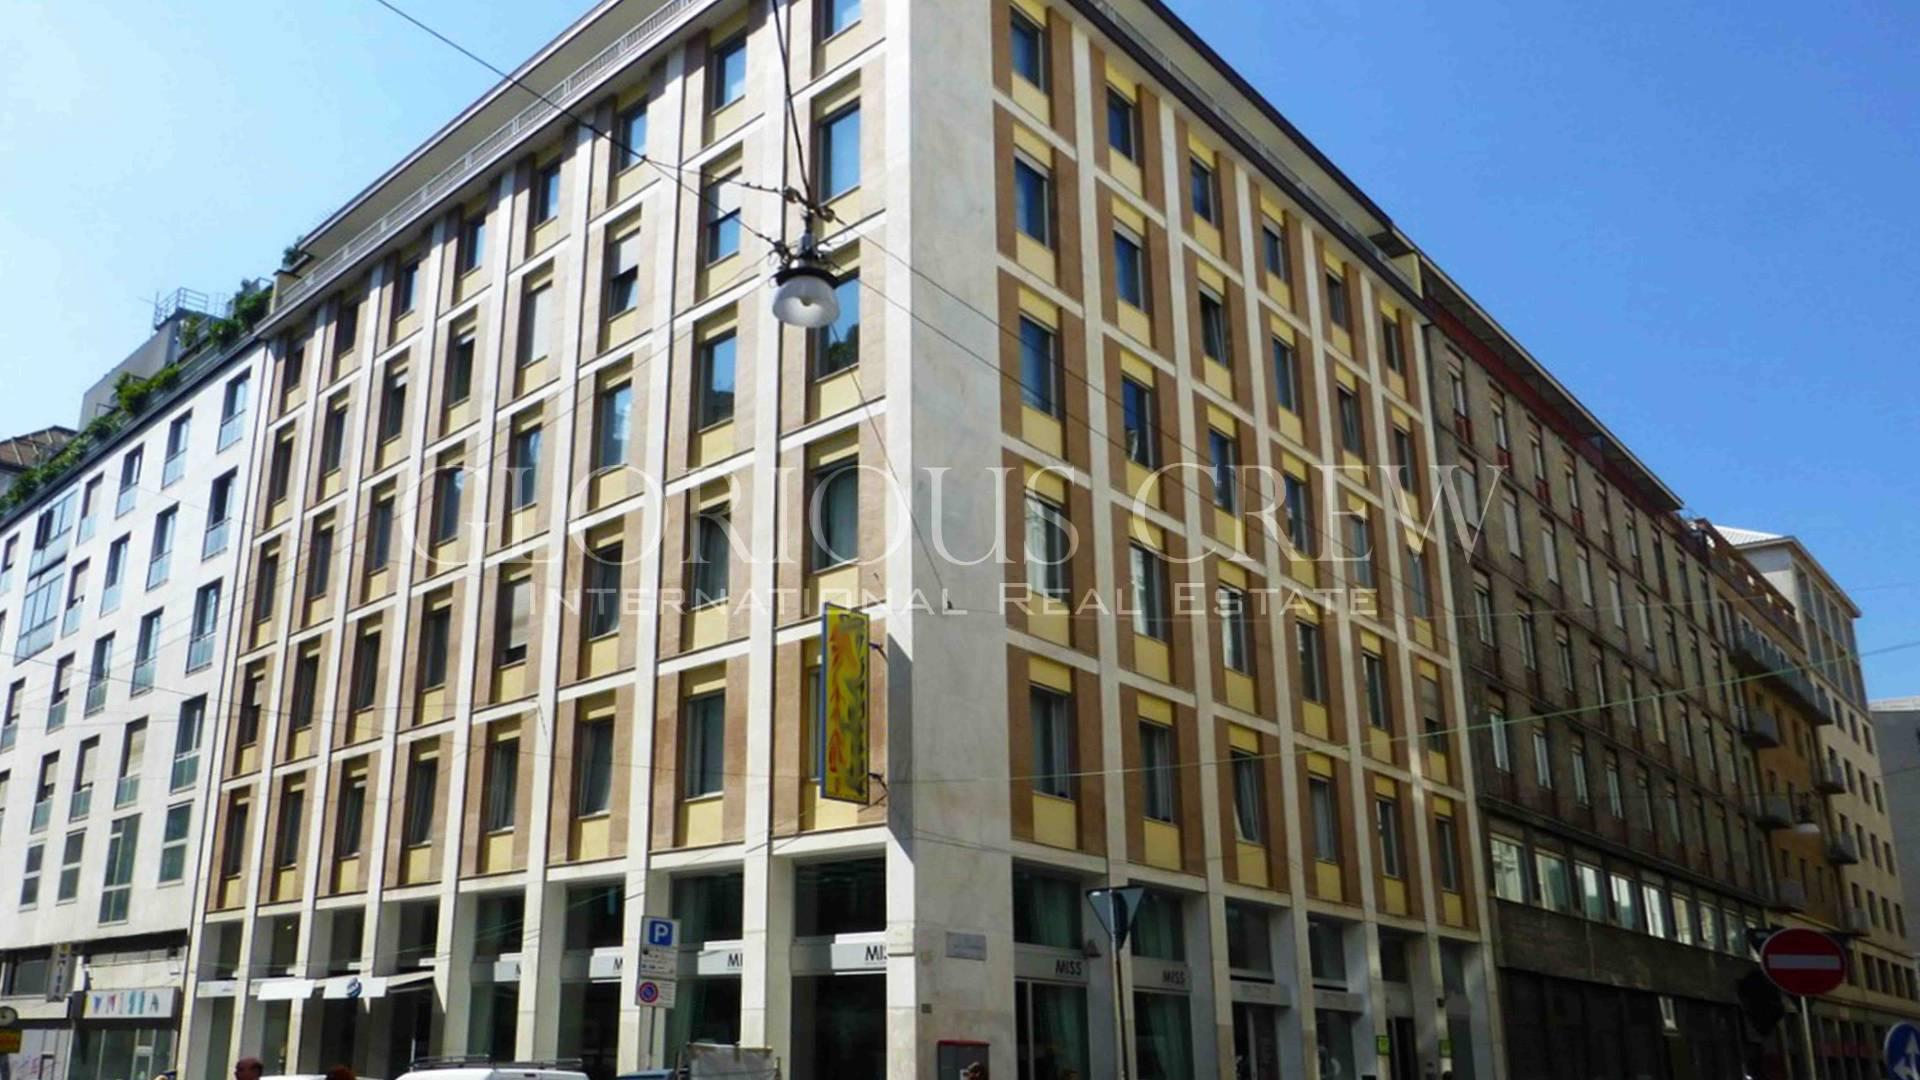 Negozio-locale in Affitto a Milano 01 Centro storico (Cerchia dei Navigli): 2 locali, 63 mq